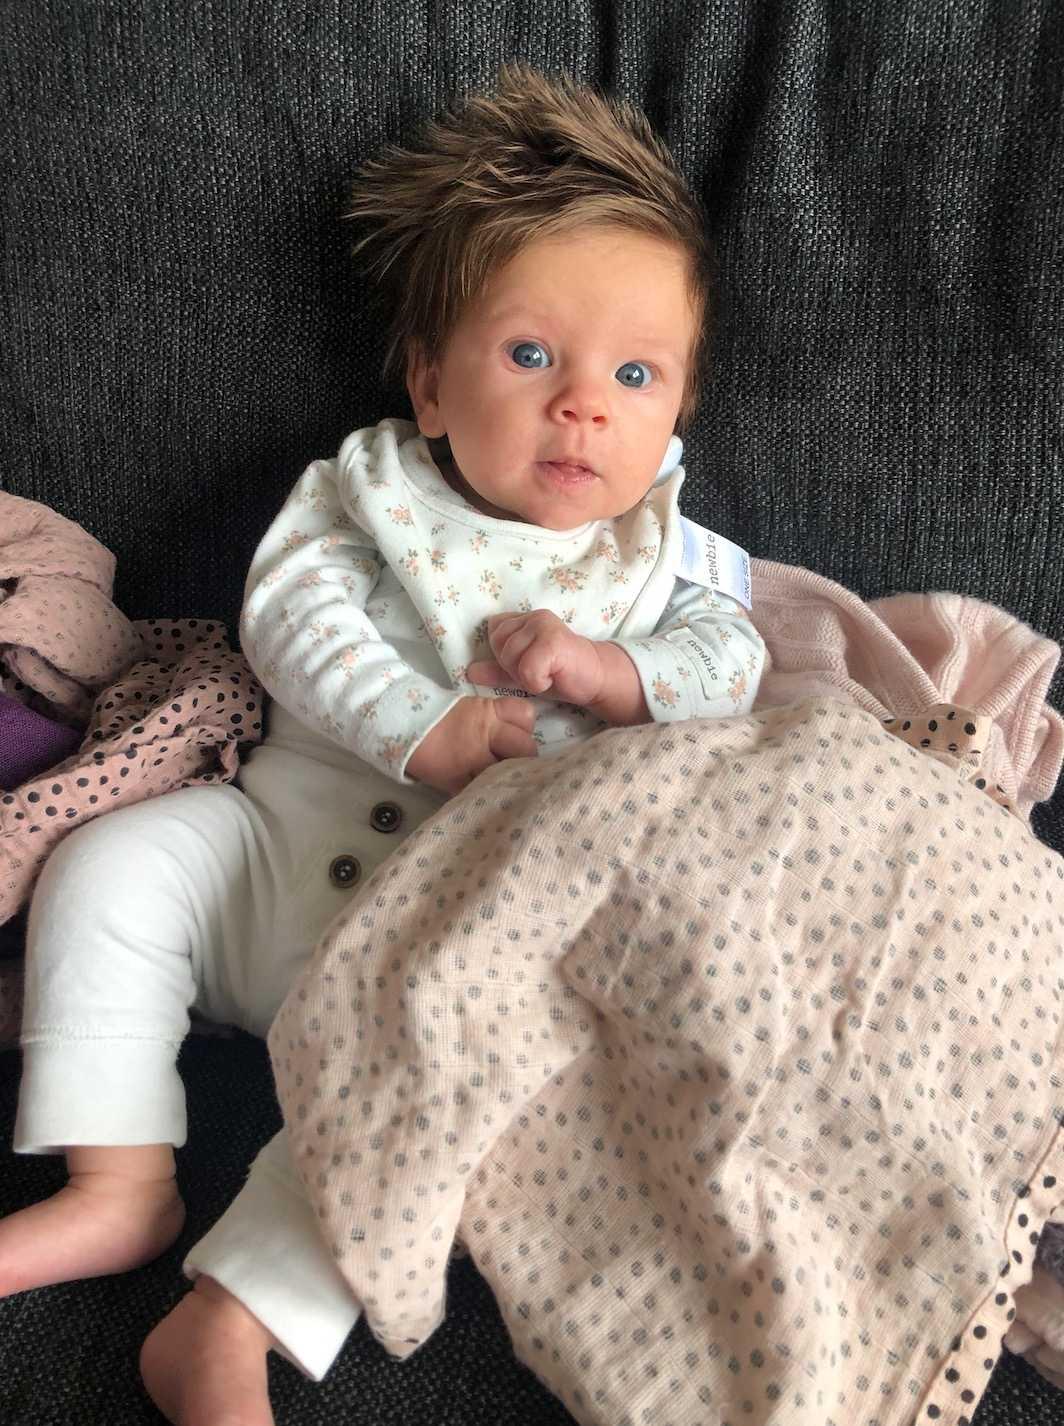 """""""Här har vi våran lilla Molly på snart 3 månader! Hon har lätt för skratt och är världens skönaste tjej"""", säger mamman Sara Stenvall."""